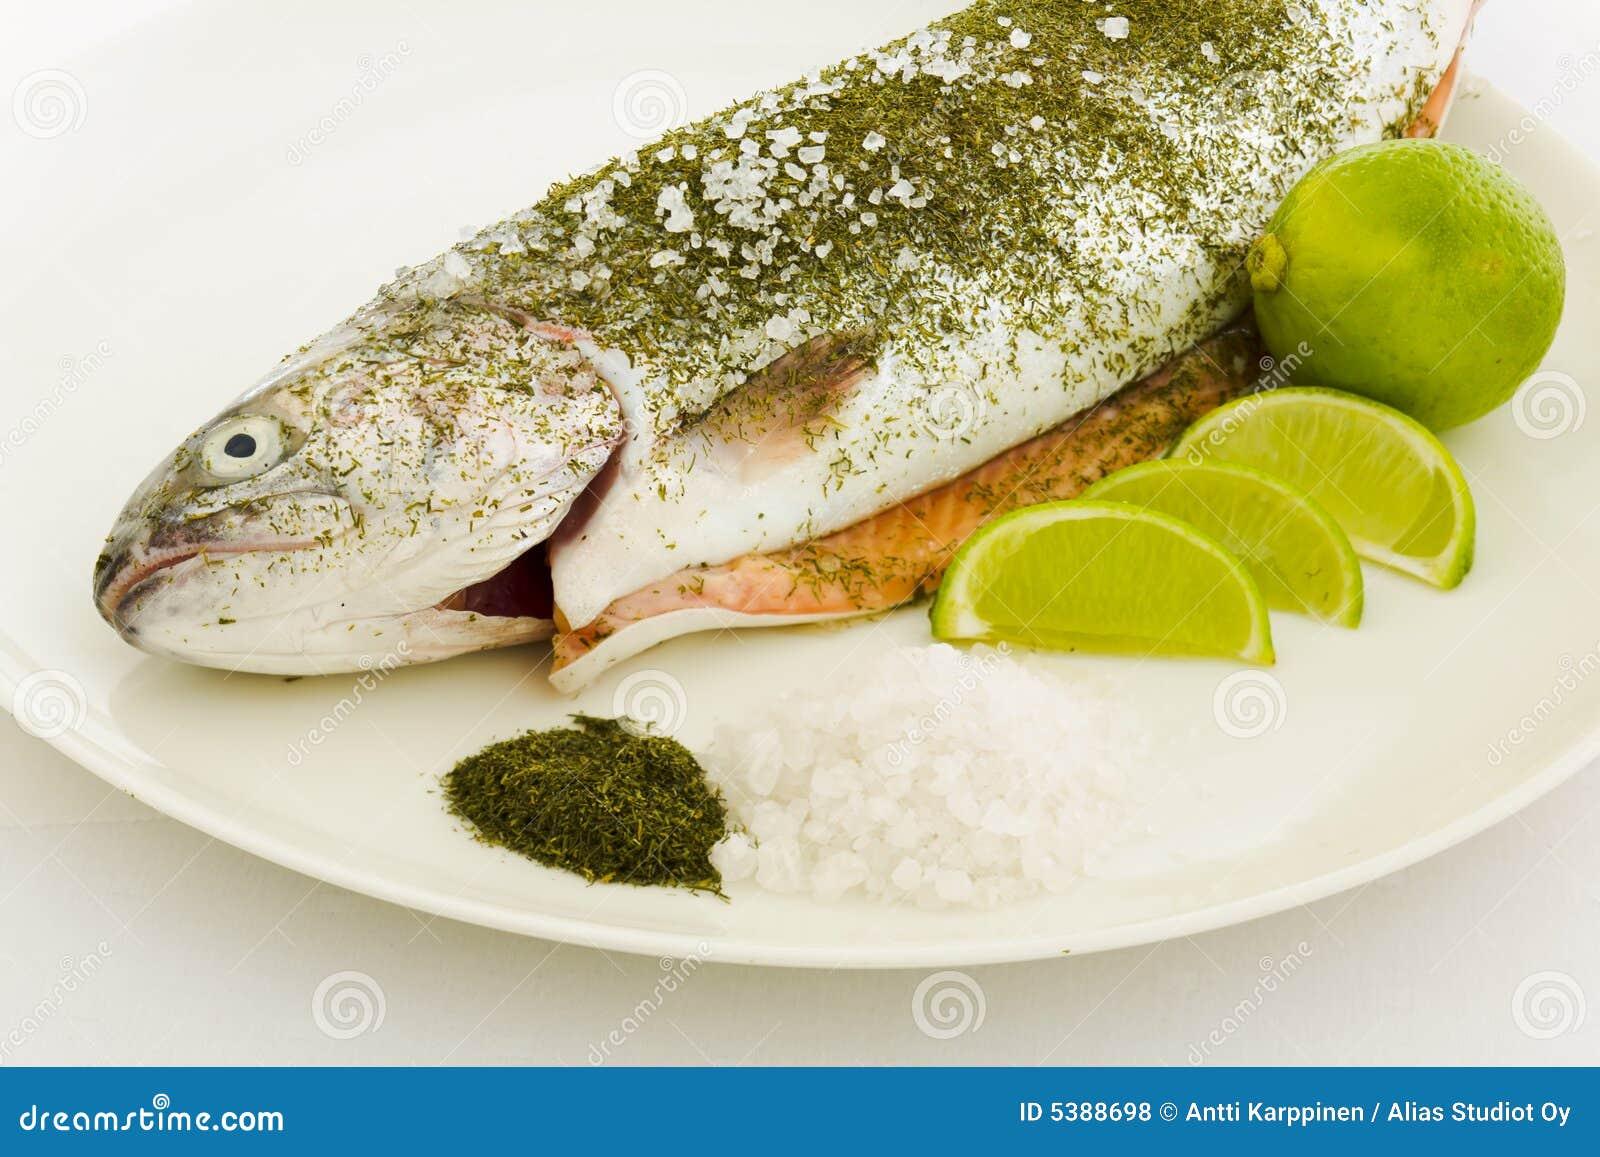 准备的三文鱼